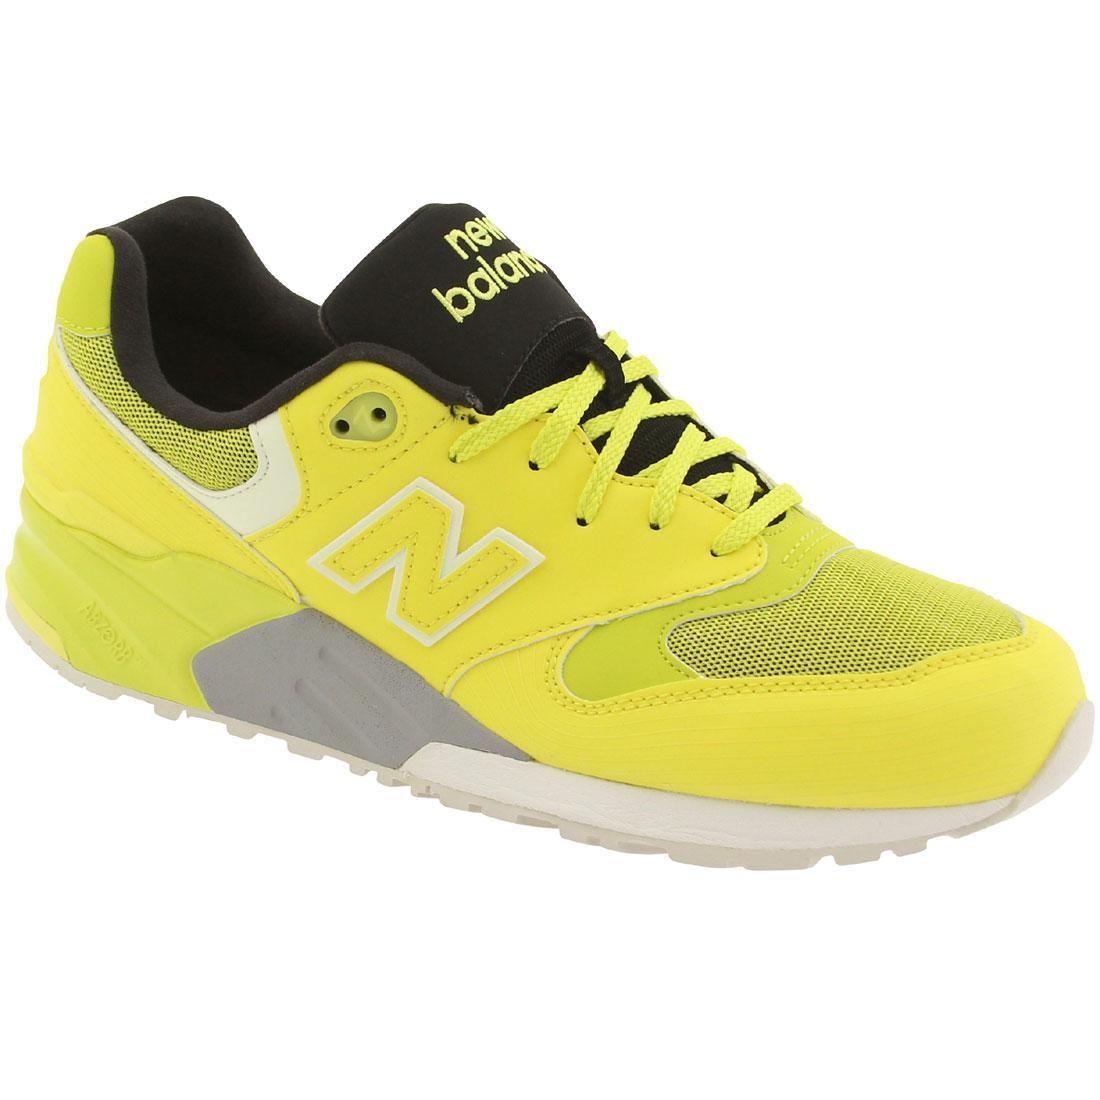 """f6484e1caa46 ... newbalance ML999 PB BLACK GRAY YELLOW  new balance 999 yellow and black   new balance 999 yellow  New Balance 999 """"Mecha"""" – Grey   Yellow  New Balance  ..."""